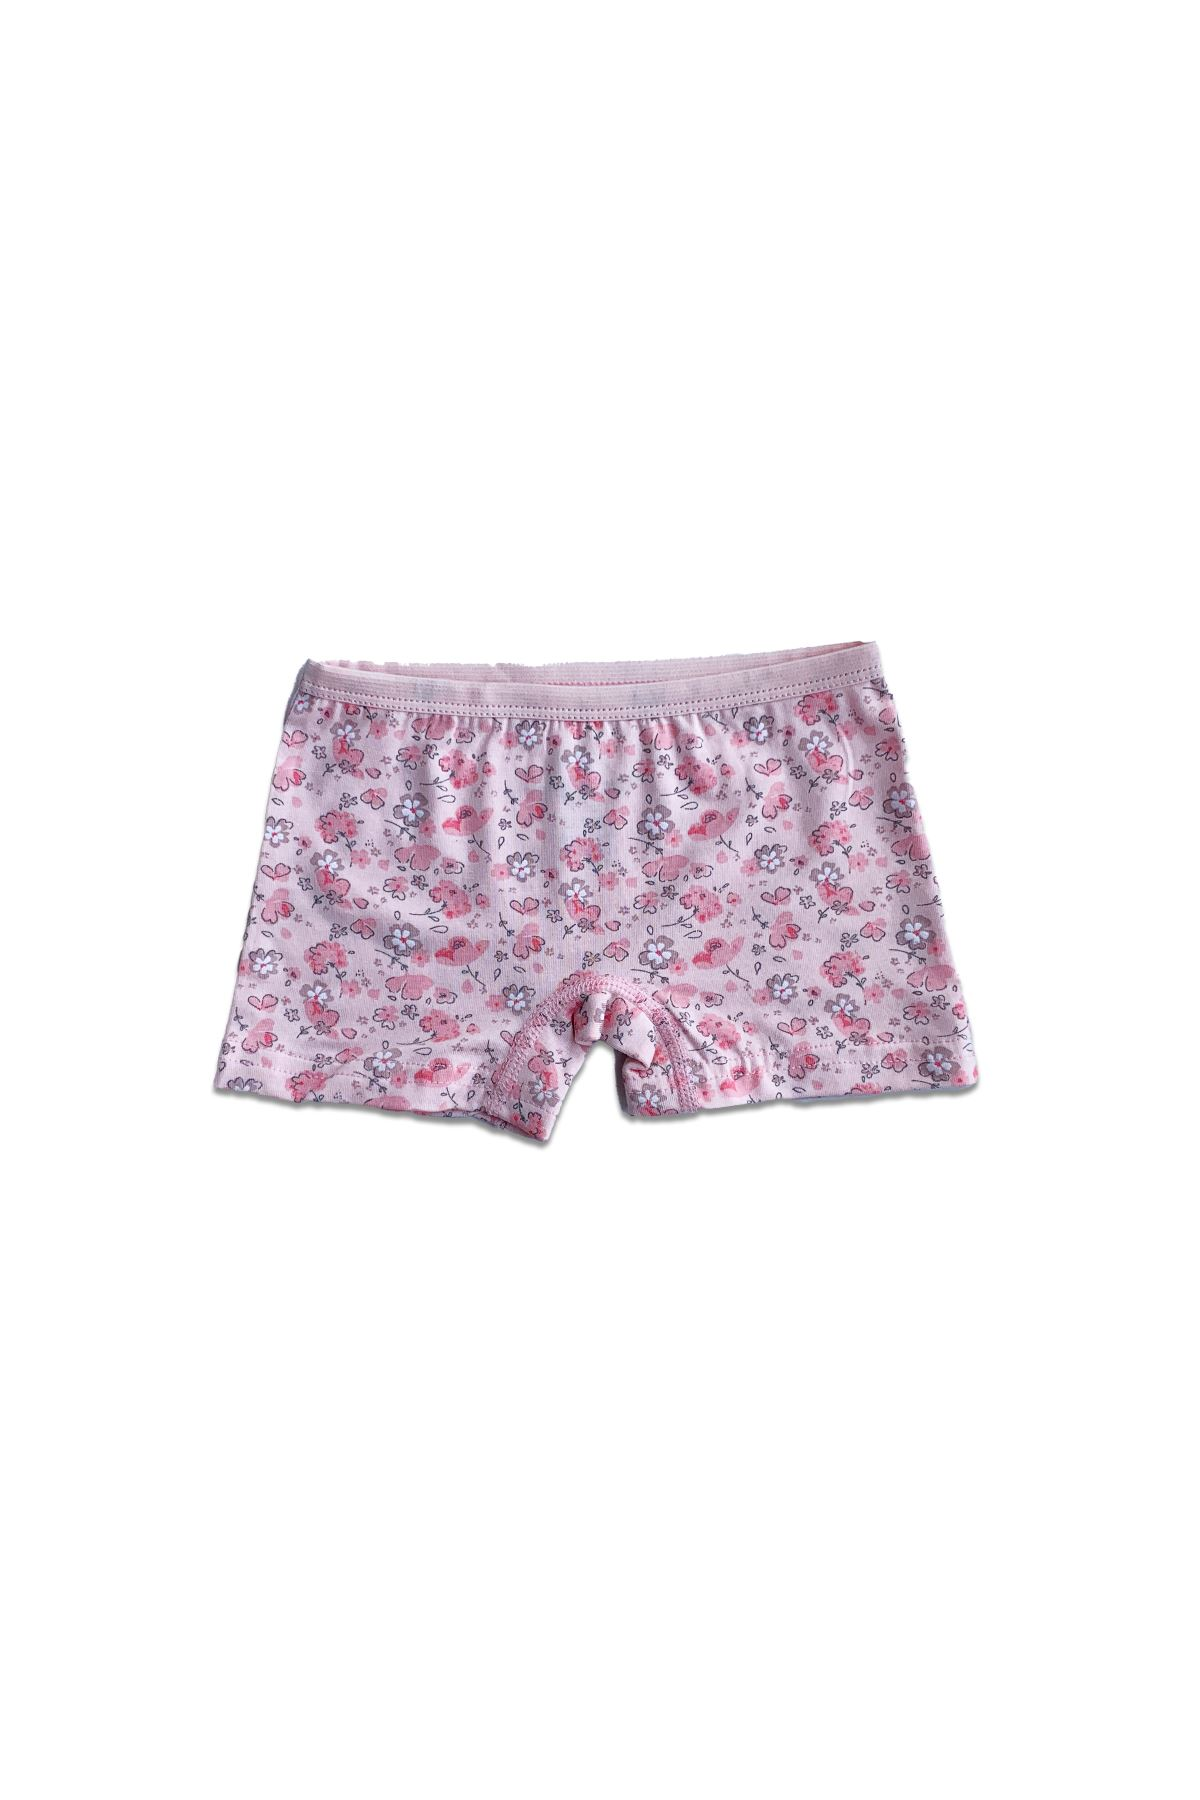 Kız Çocuk Renkli 6 Lı Paket Iç Giyim Takımı Ip Askılı Atlet Boxer 333331-e3